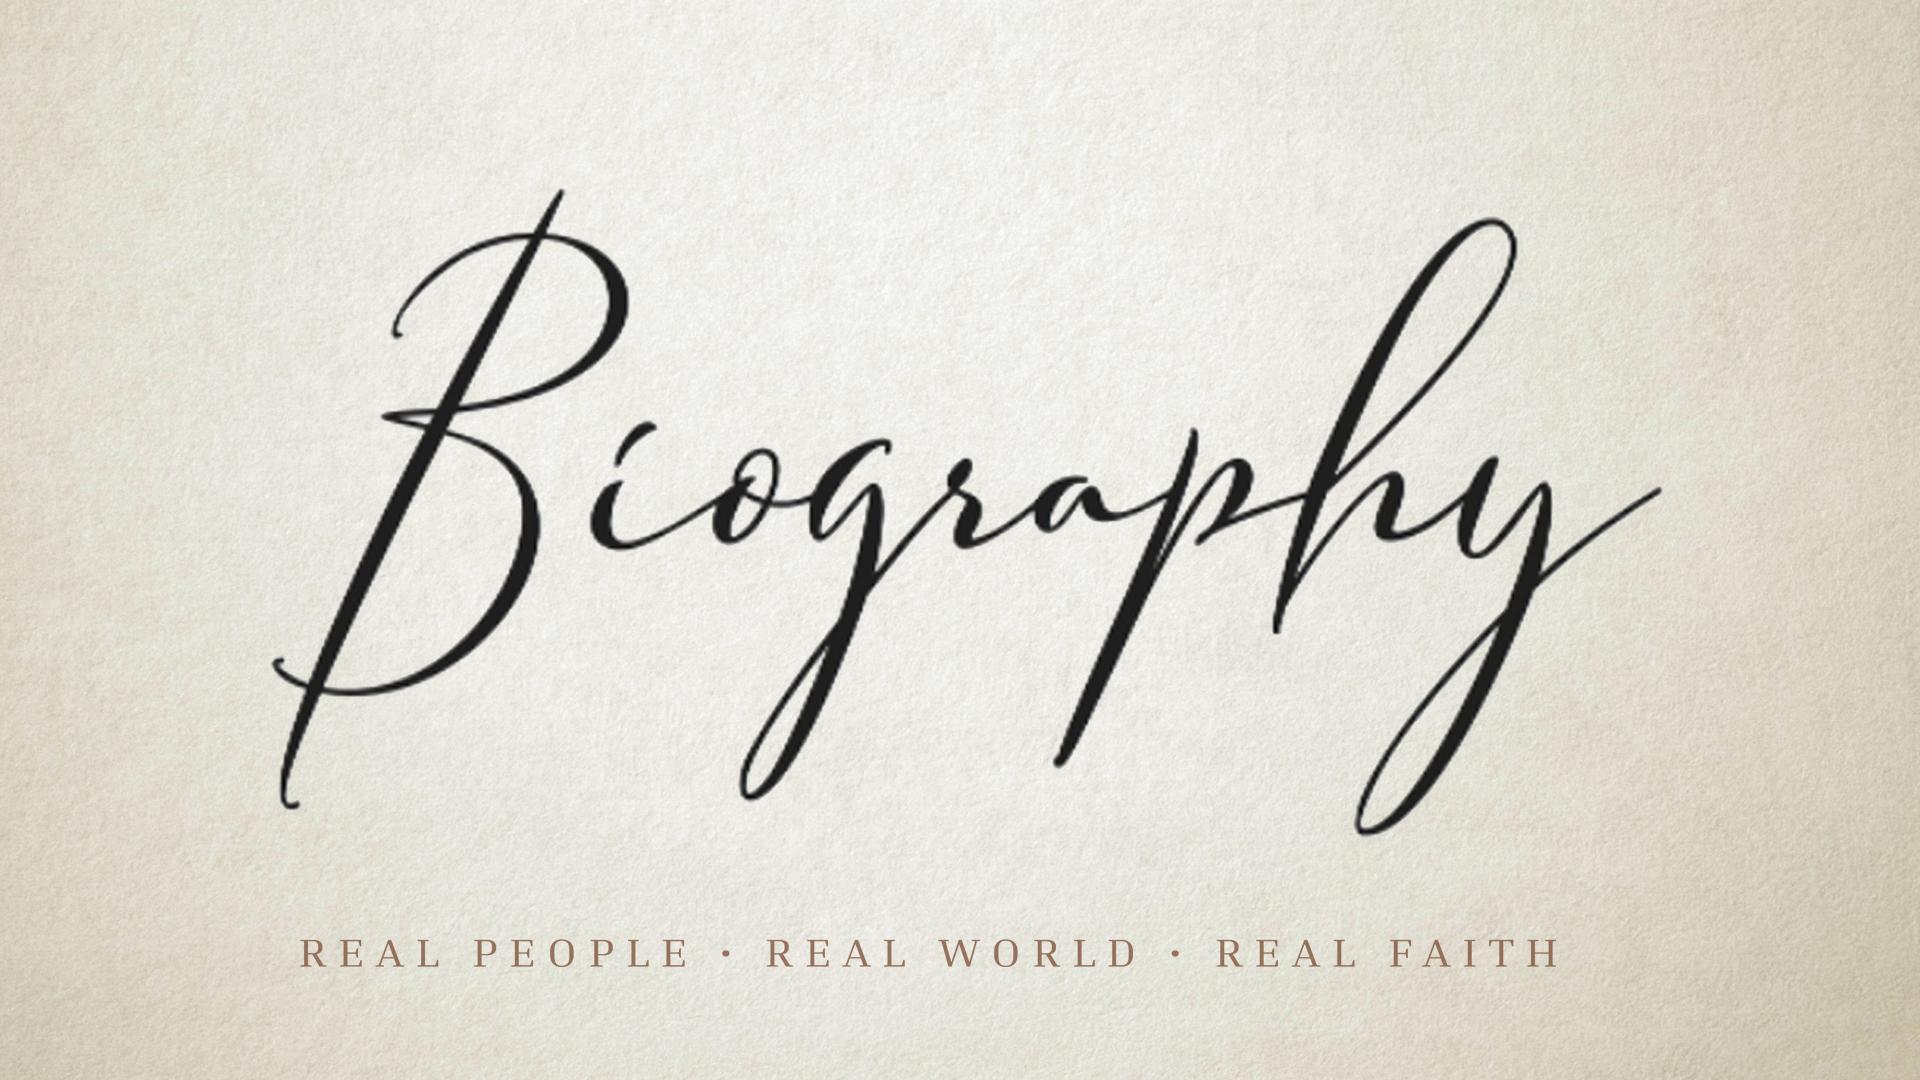 Biography_slide.png